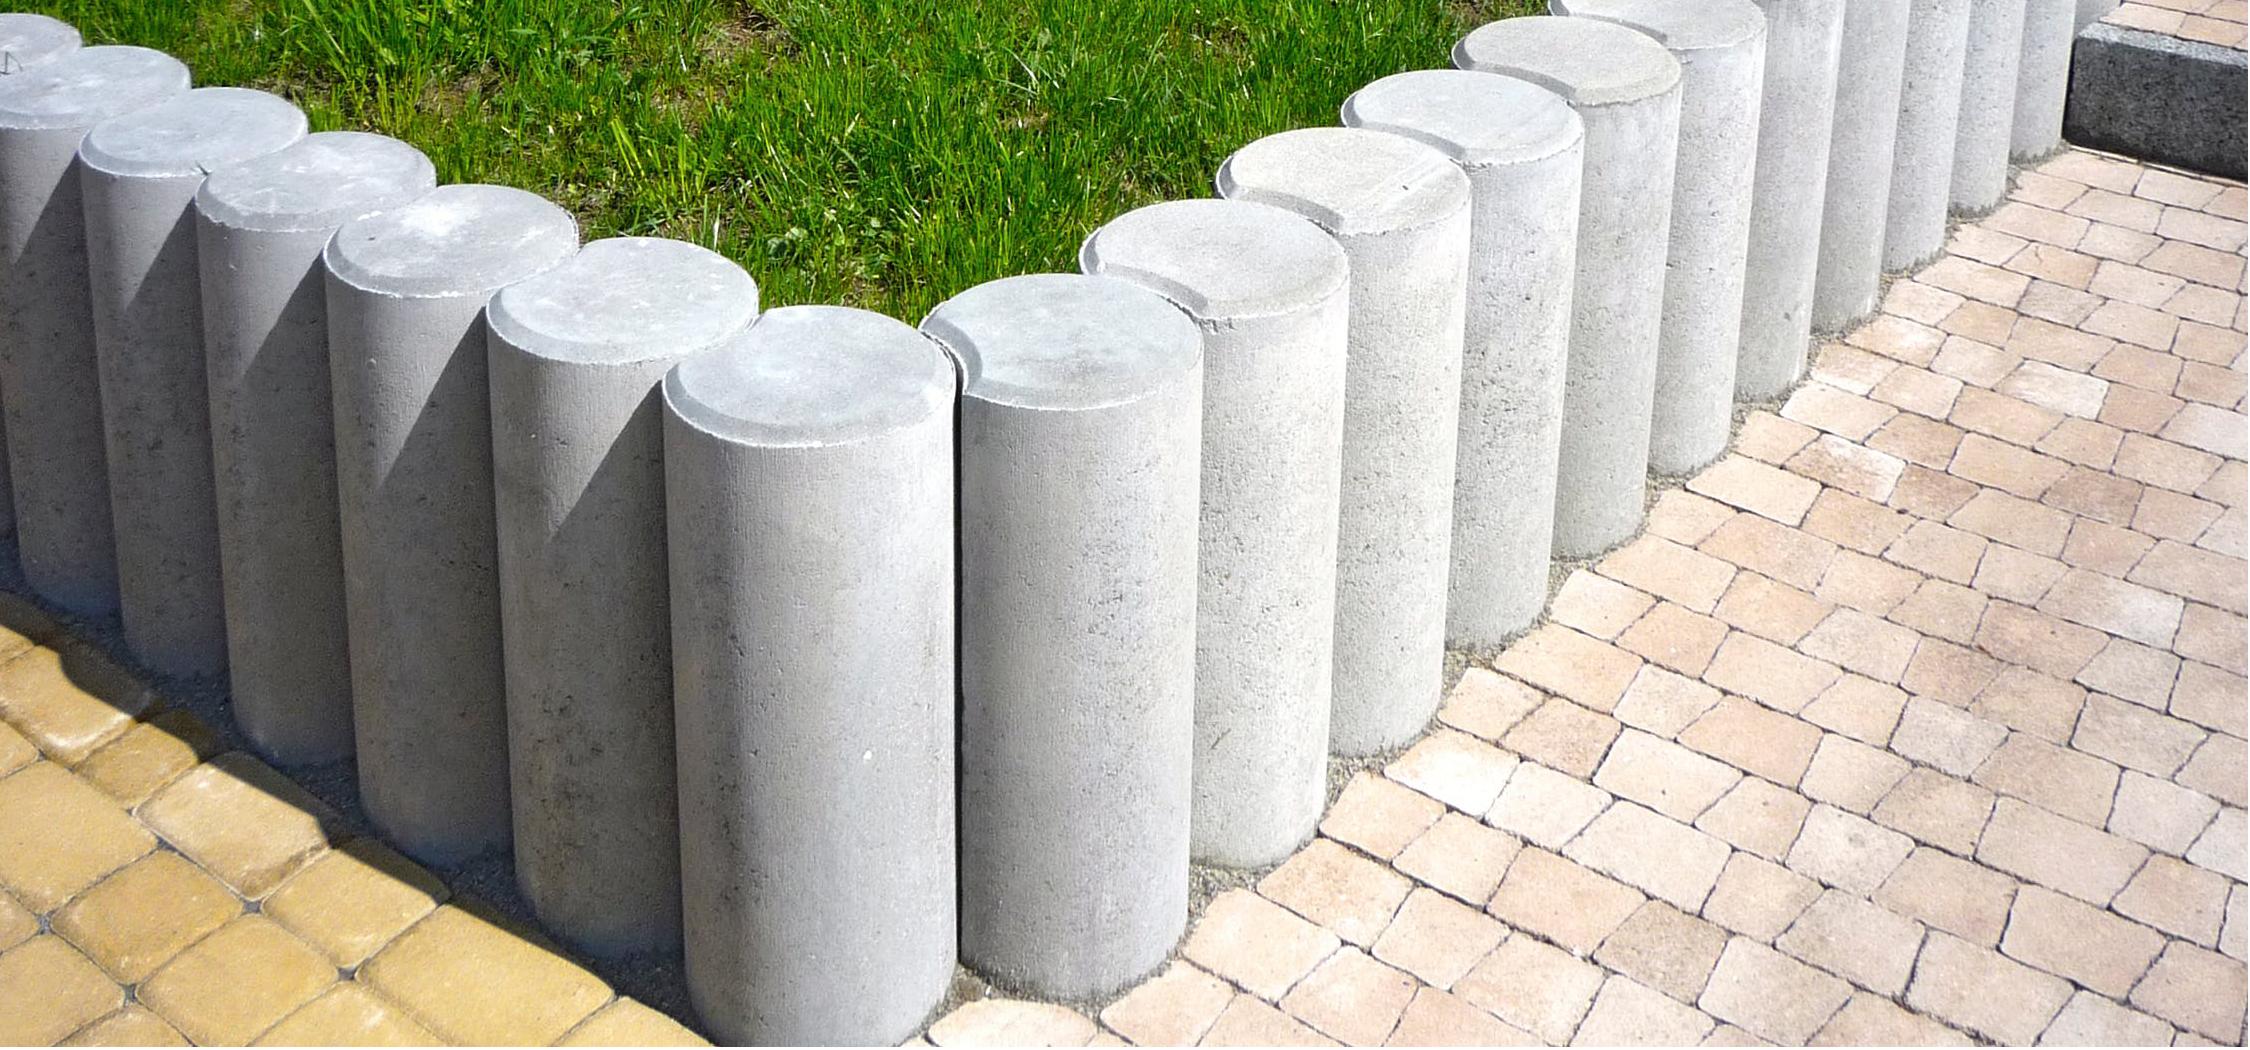 decorative-concrete-vs-pavers-pros-cons-6.jpeg